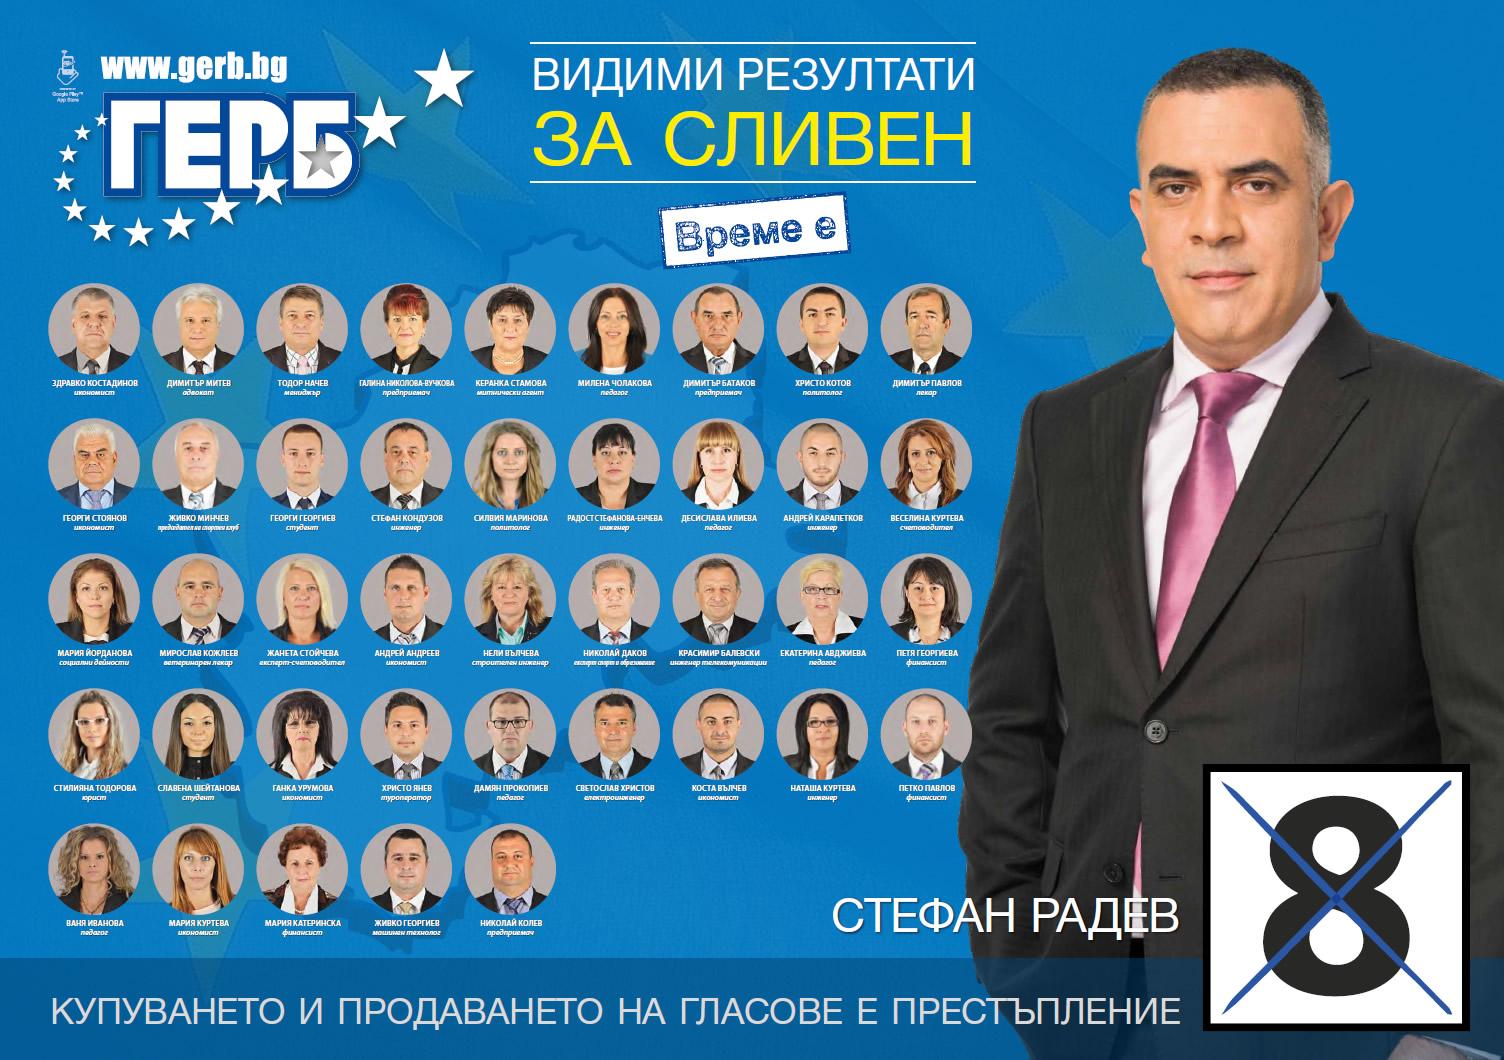 izbori_2015_kassabova_2